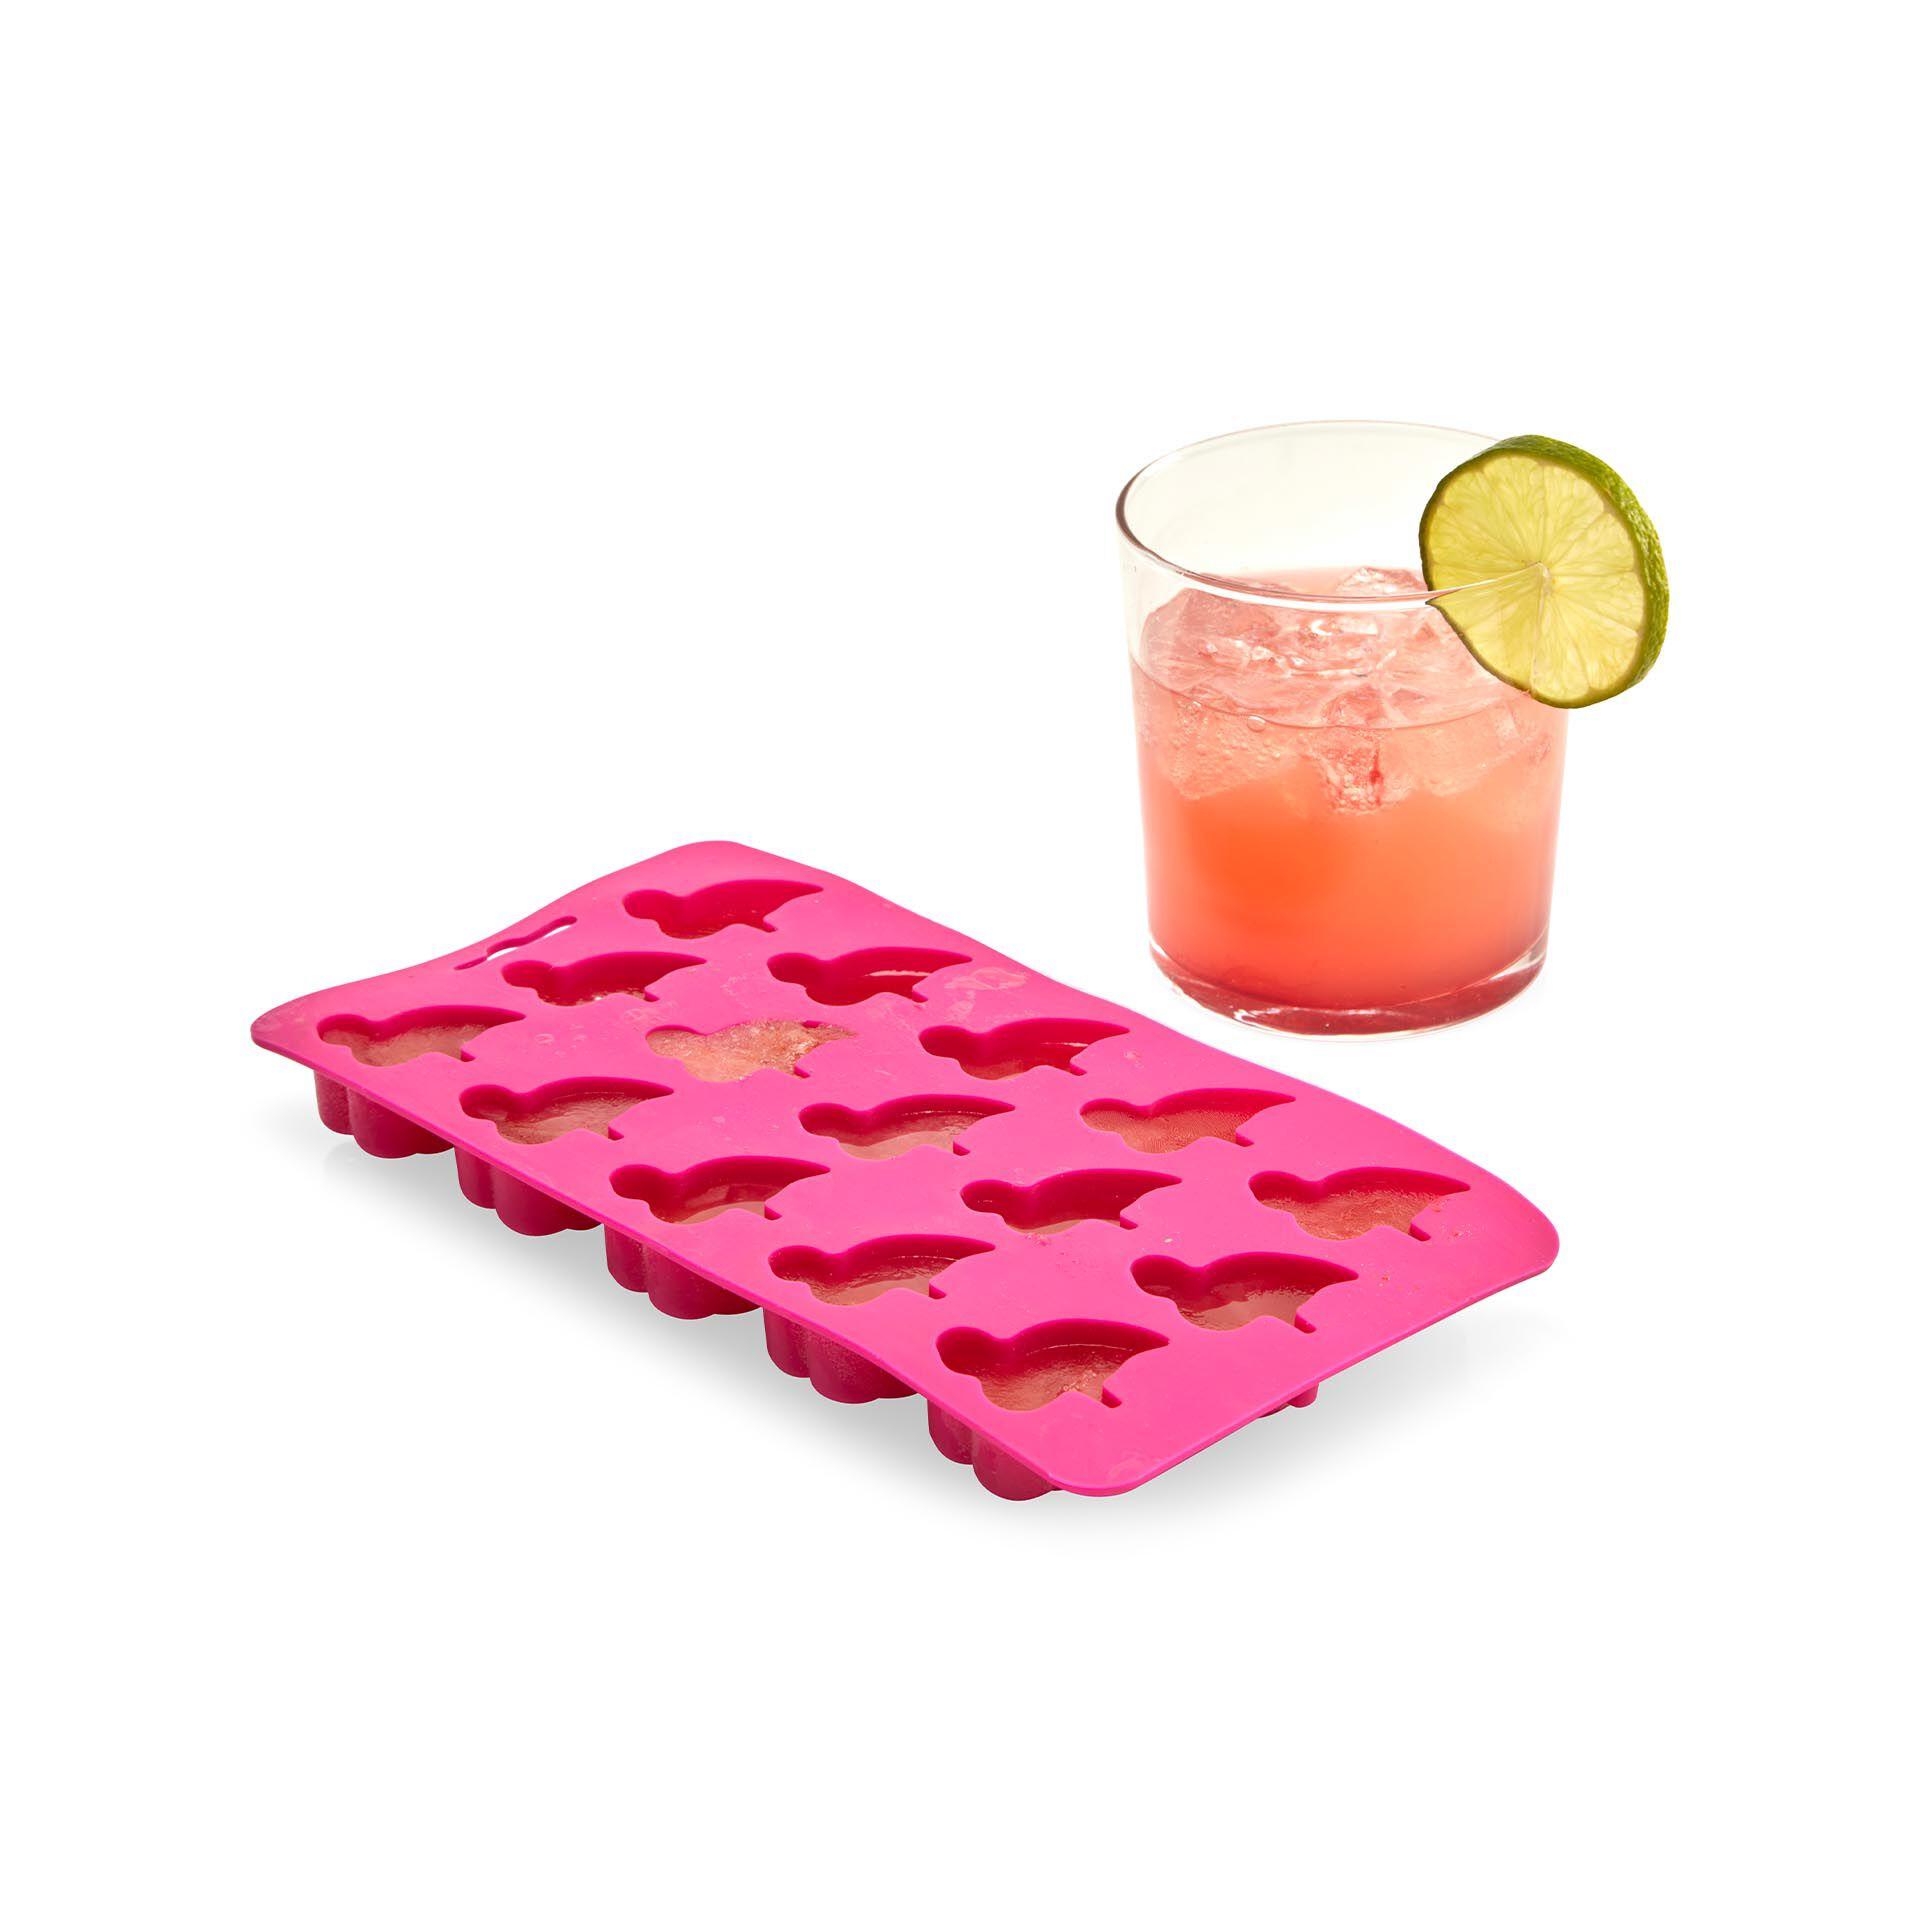 Bac à glaçons en forme de cactus flamants roses, , large